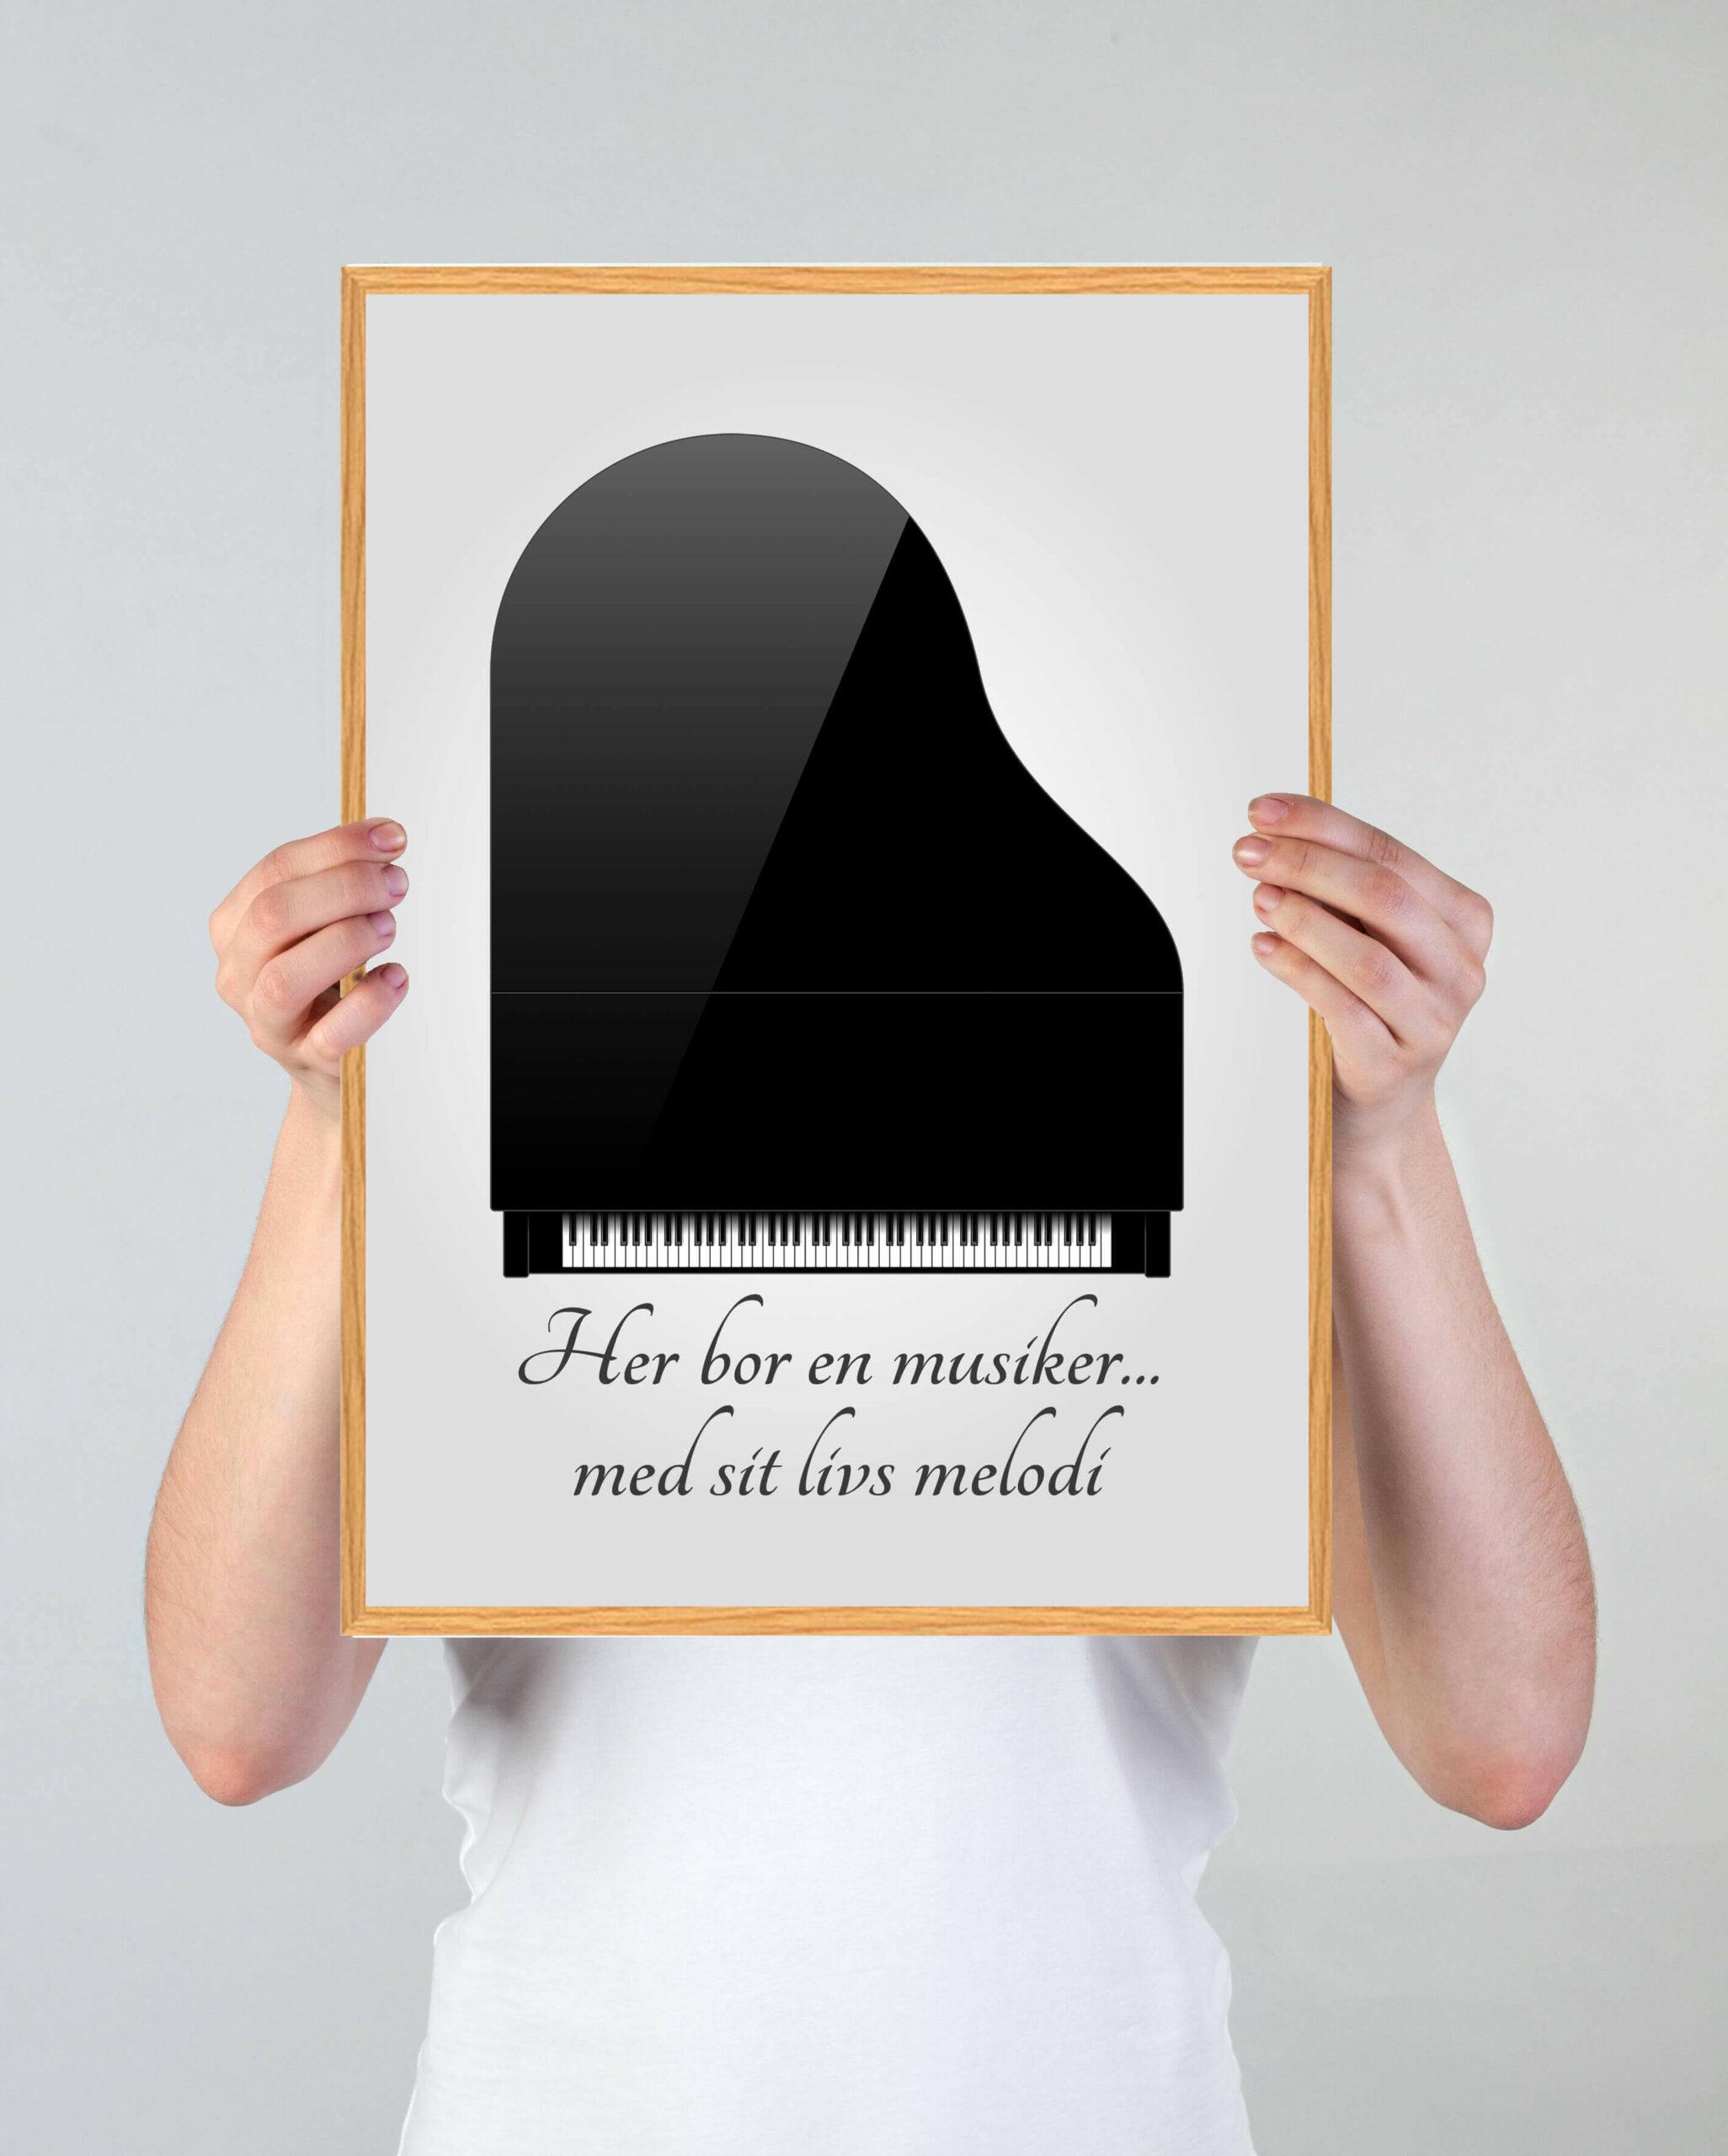 musiker-arbejde-plakat-3